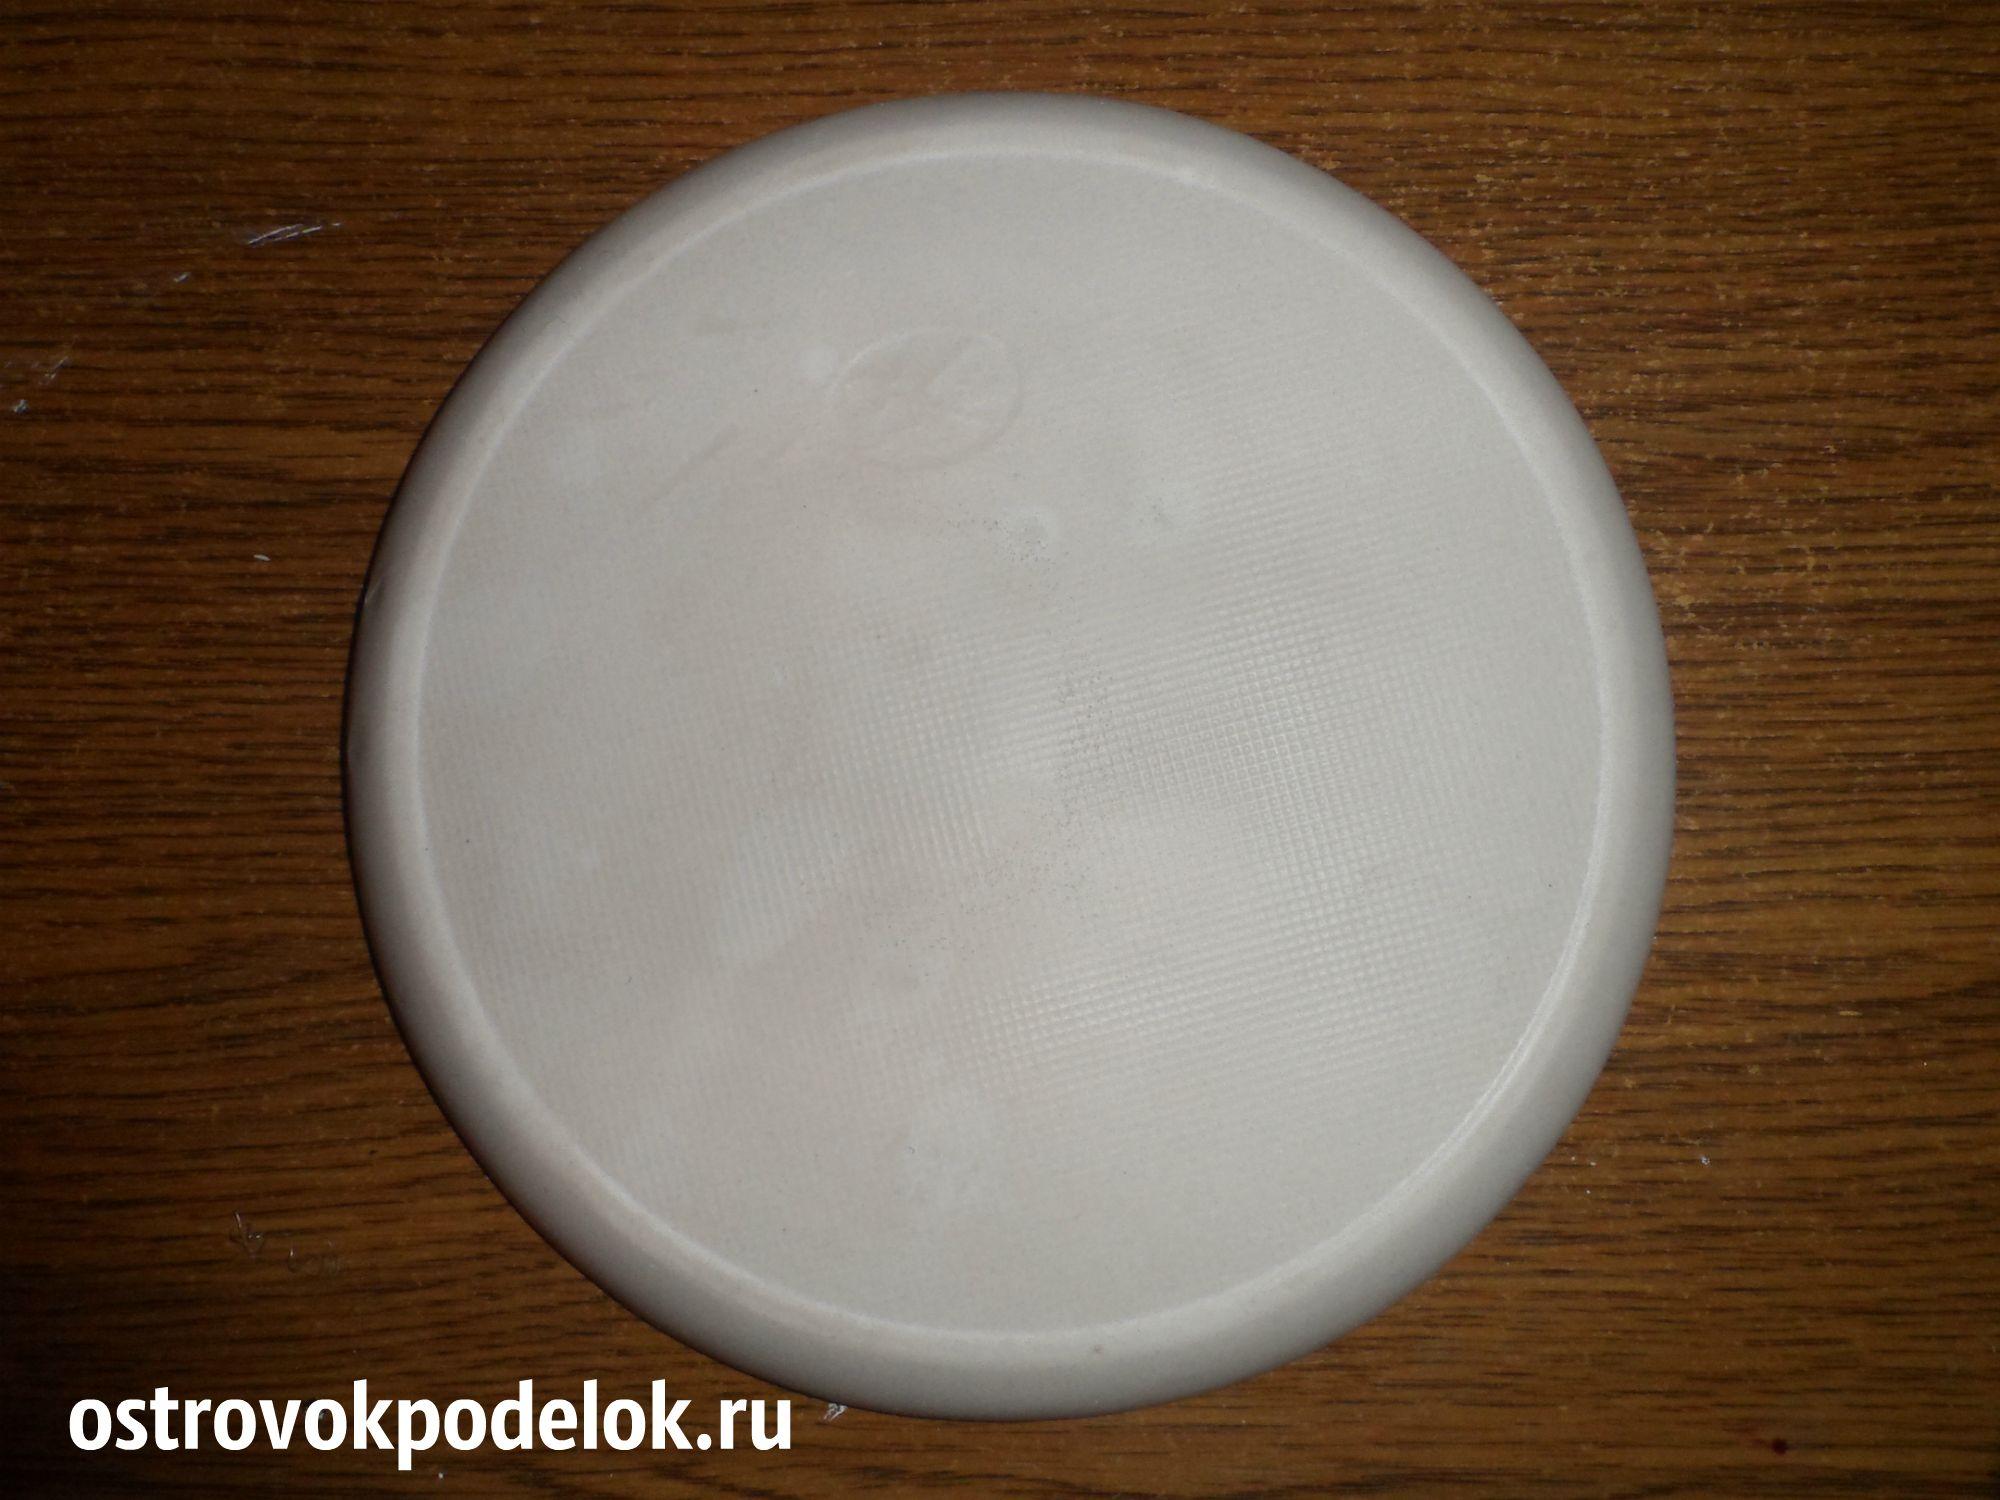 Как сделать декоративные тарелки самой Двухуровневые потолки из гипсокартона: инструкция